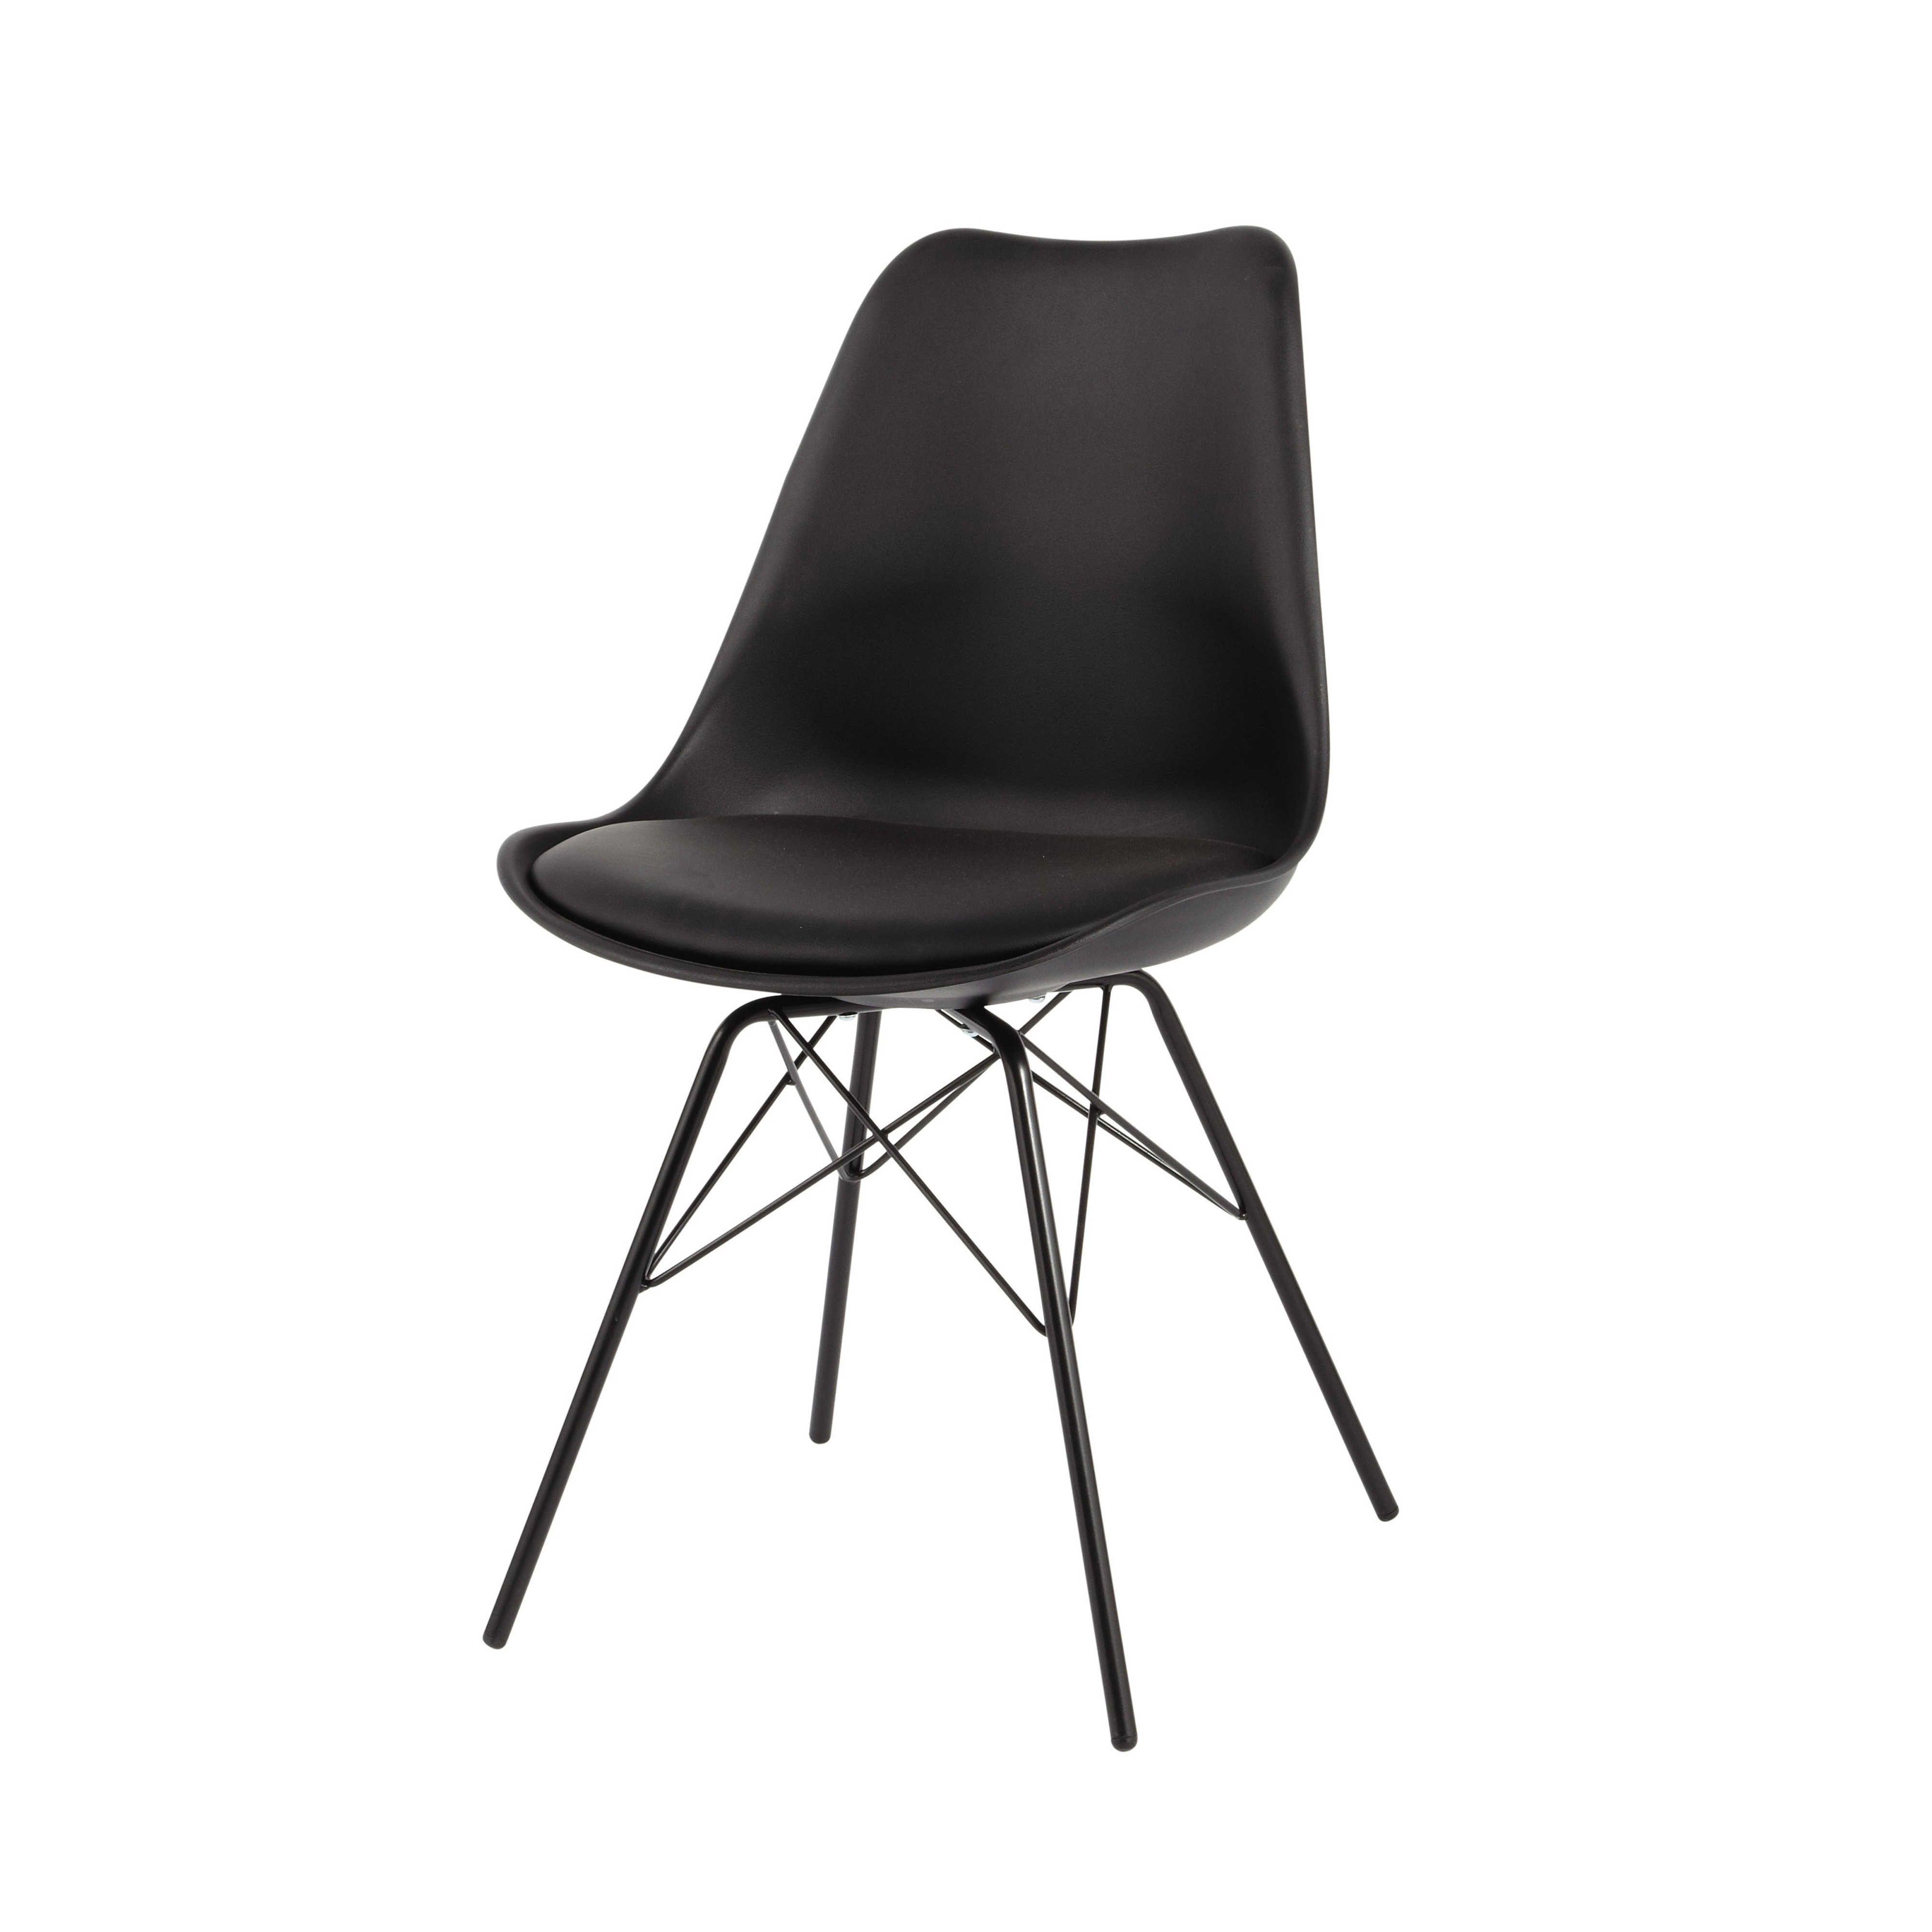 Chaise En Plastique Noire Coventry Maisons Du Monde Metallstuhle Stuhle Coventry